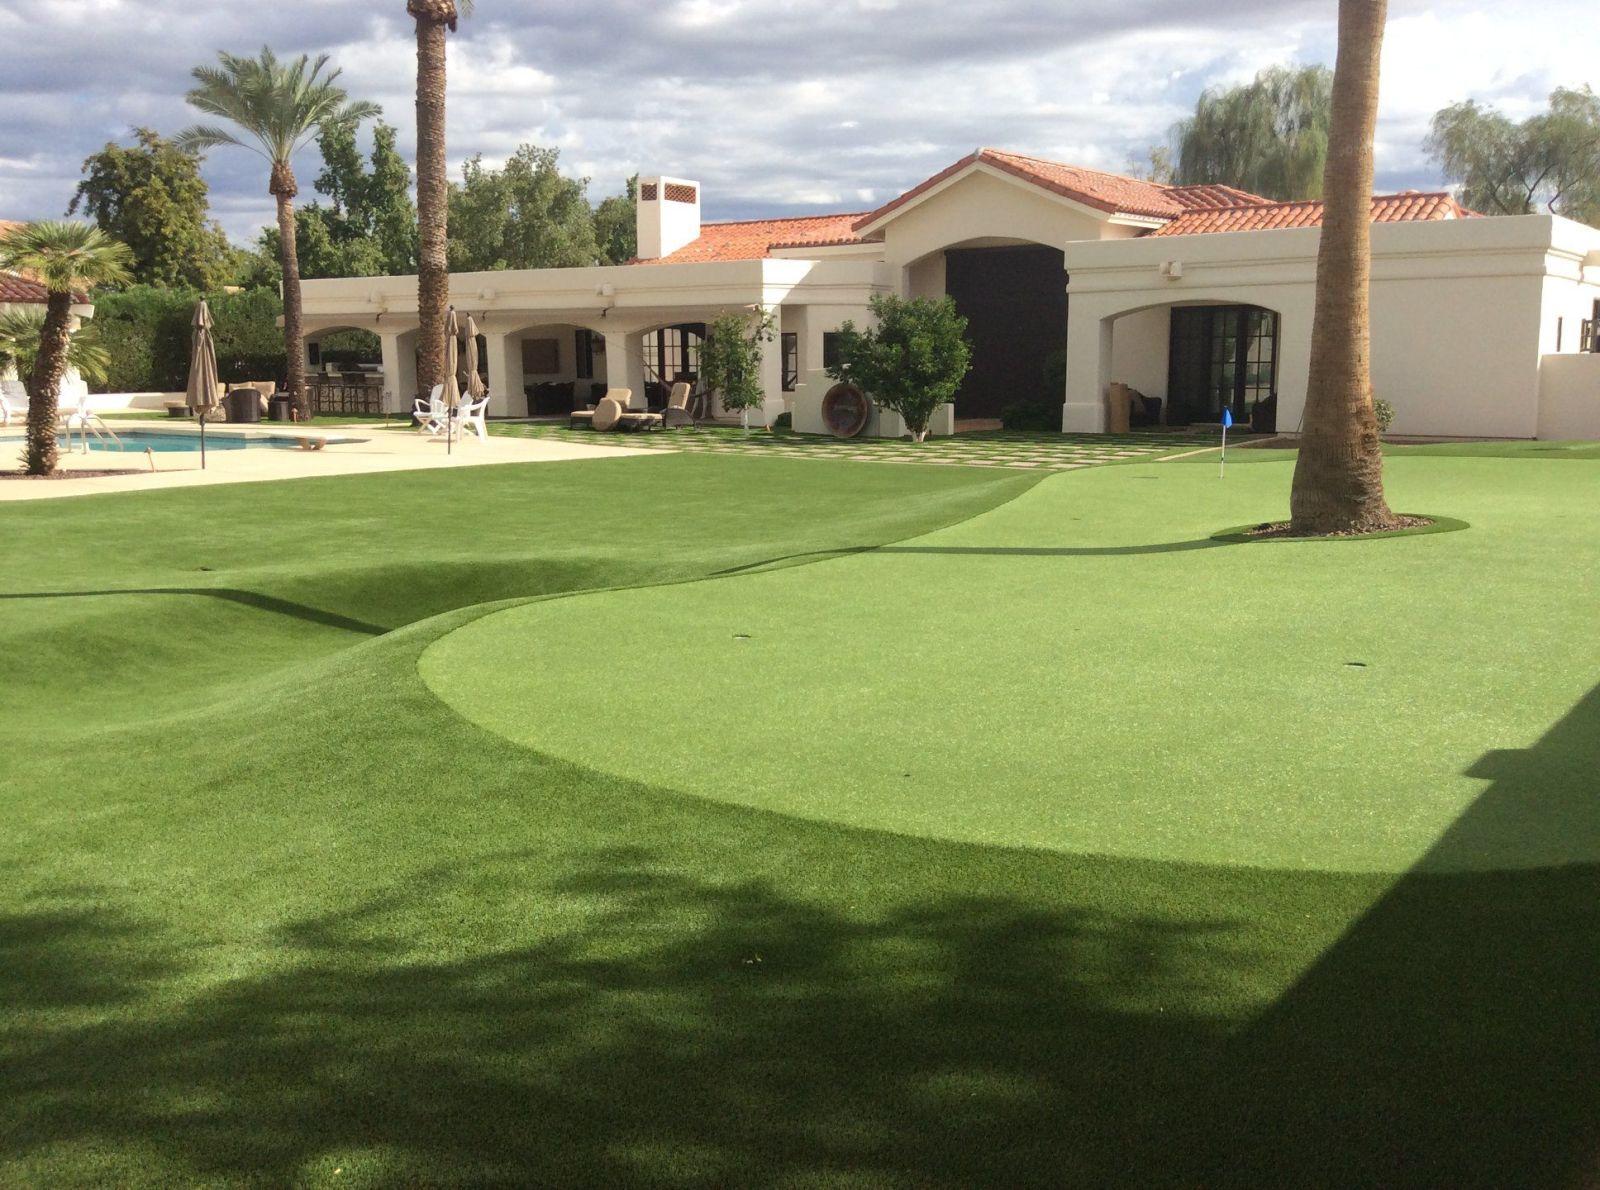 Paradise Valley AZ backyard putting green